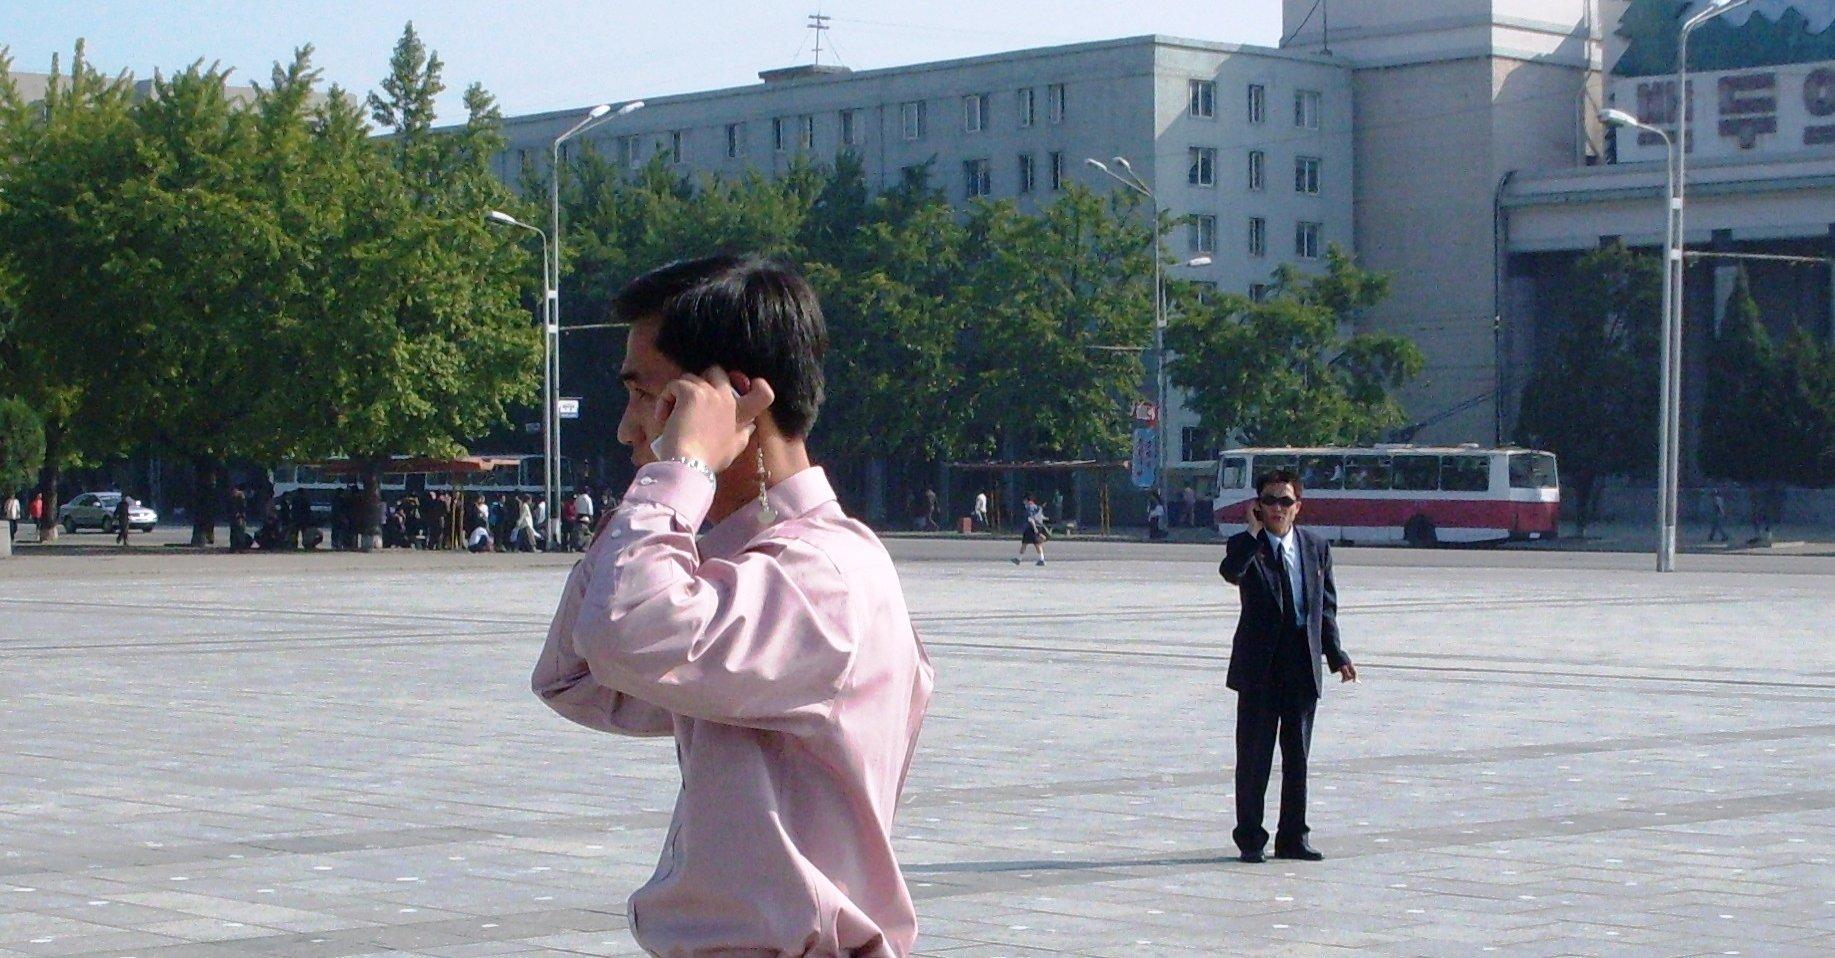 Denne mannen er fotografert av bloggeren Leonid Petrov før landesorgen. Hadde det vært i dag, ville han ha ligget ytterst tynt an. Merk den «hemmelige» agenten i bakgrunnen...